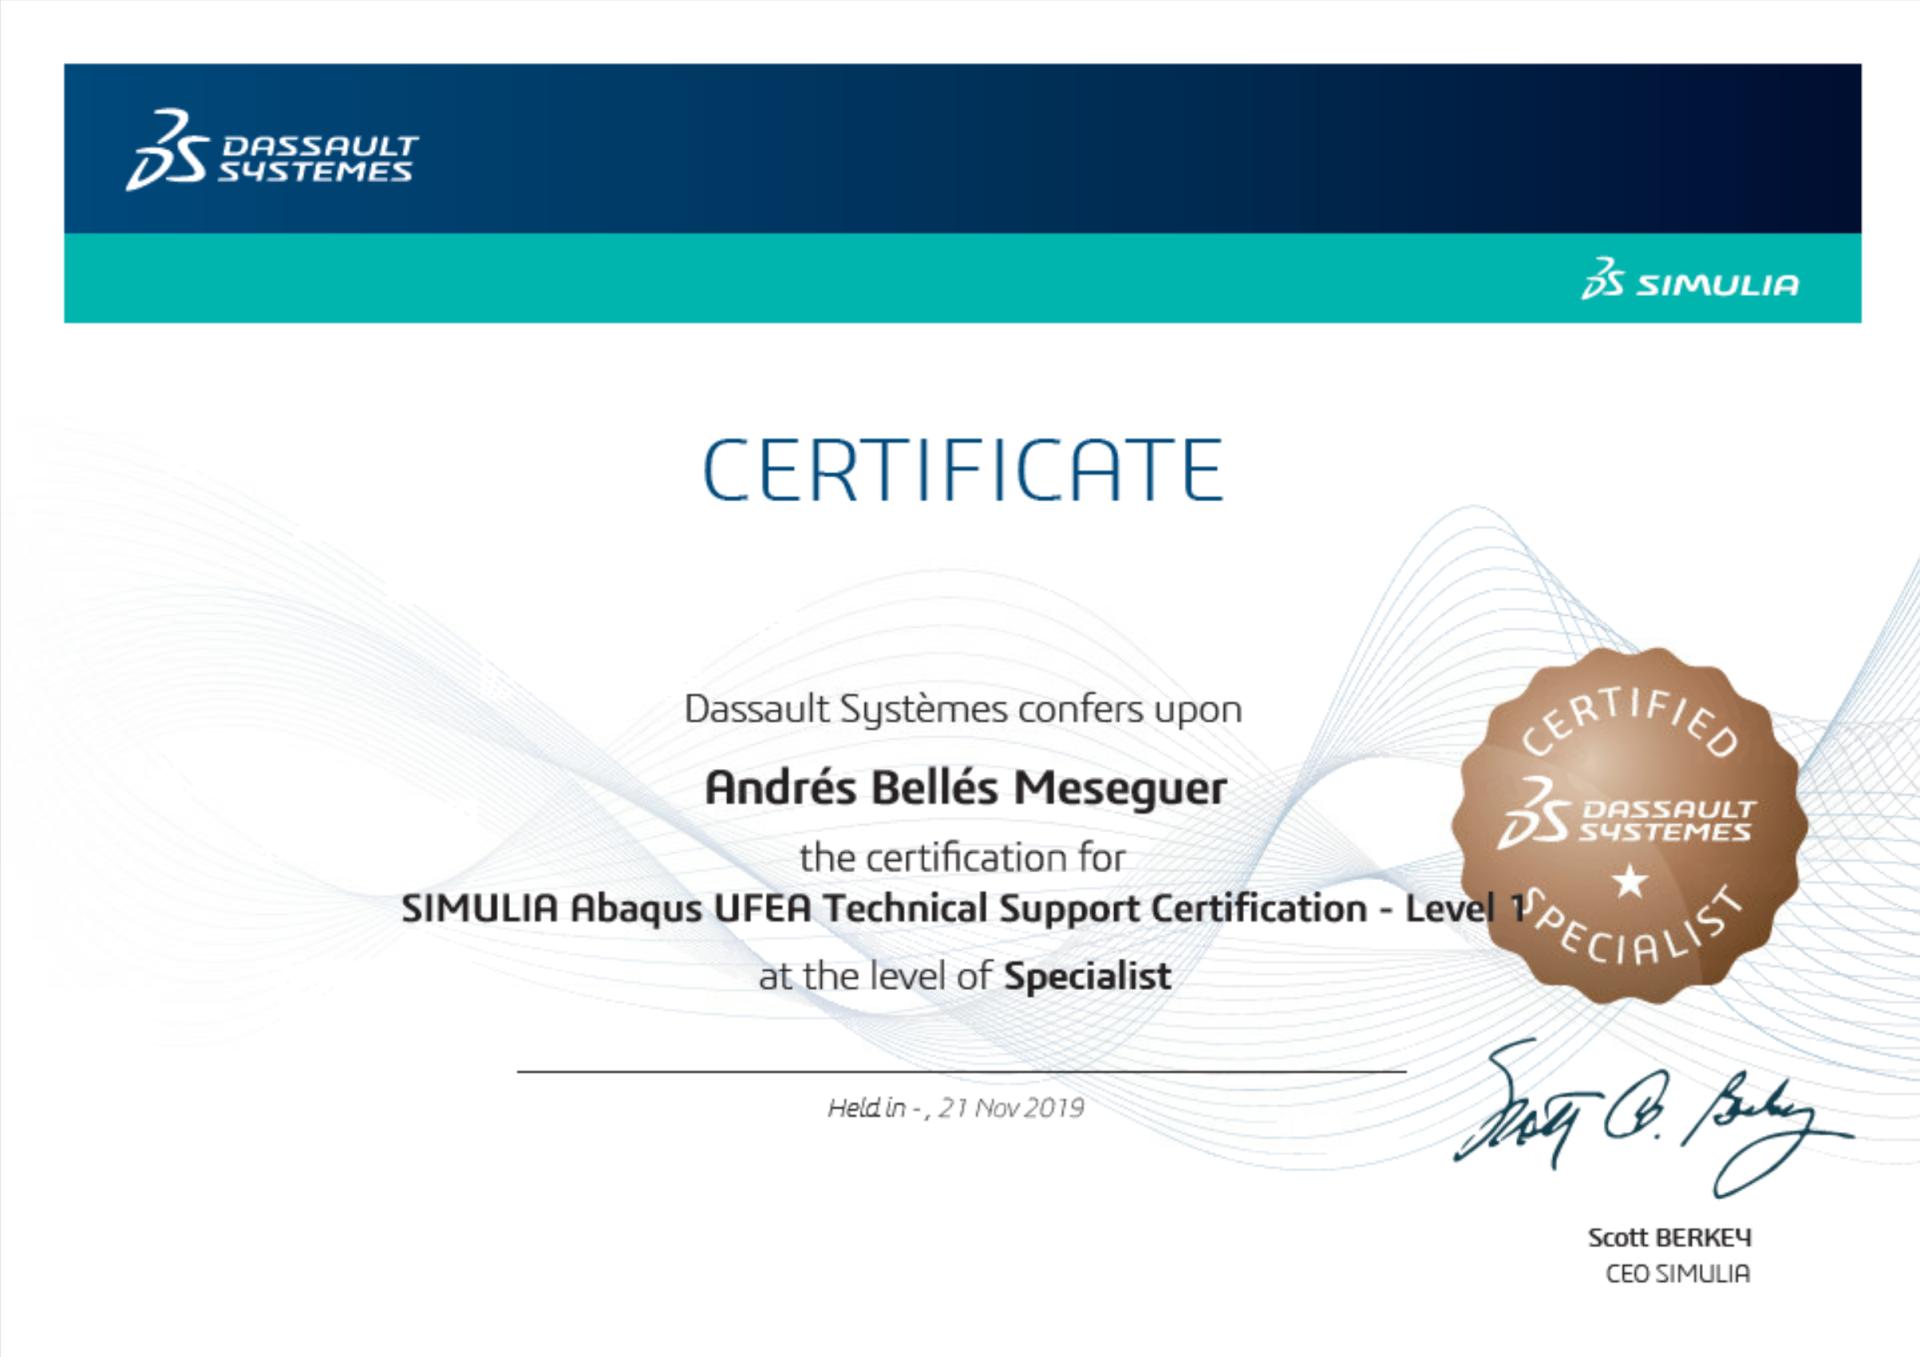 SIMULIA Abaqus Certificate Andres Belles Meseguer